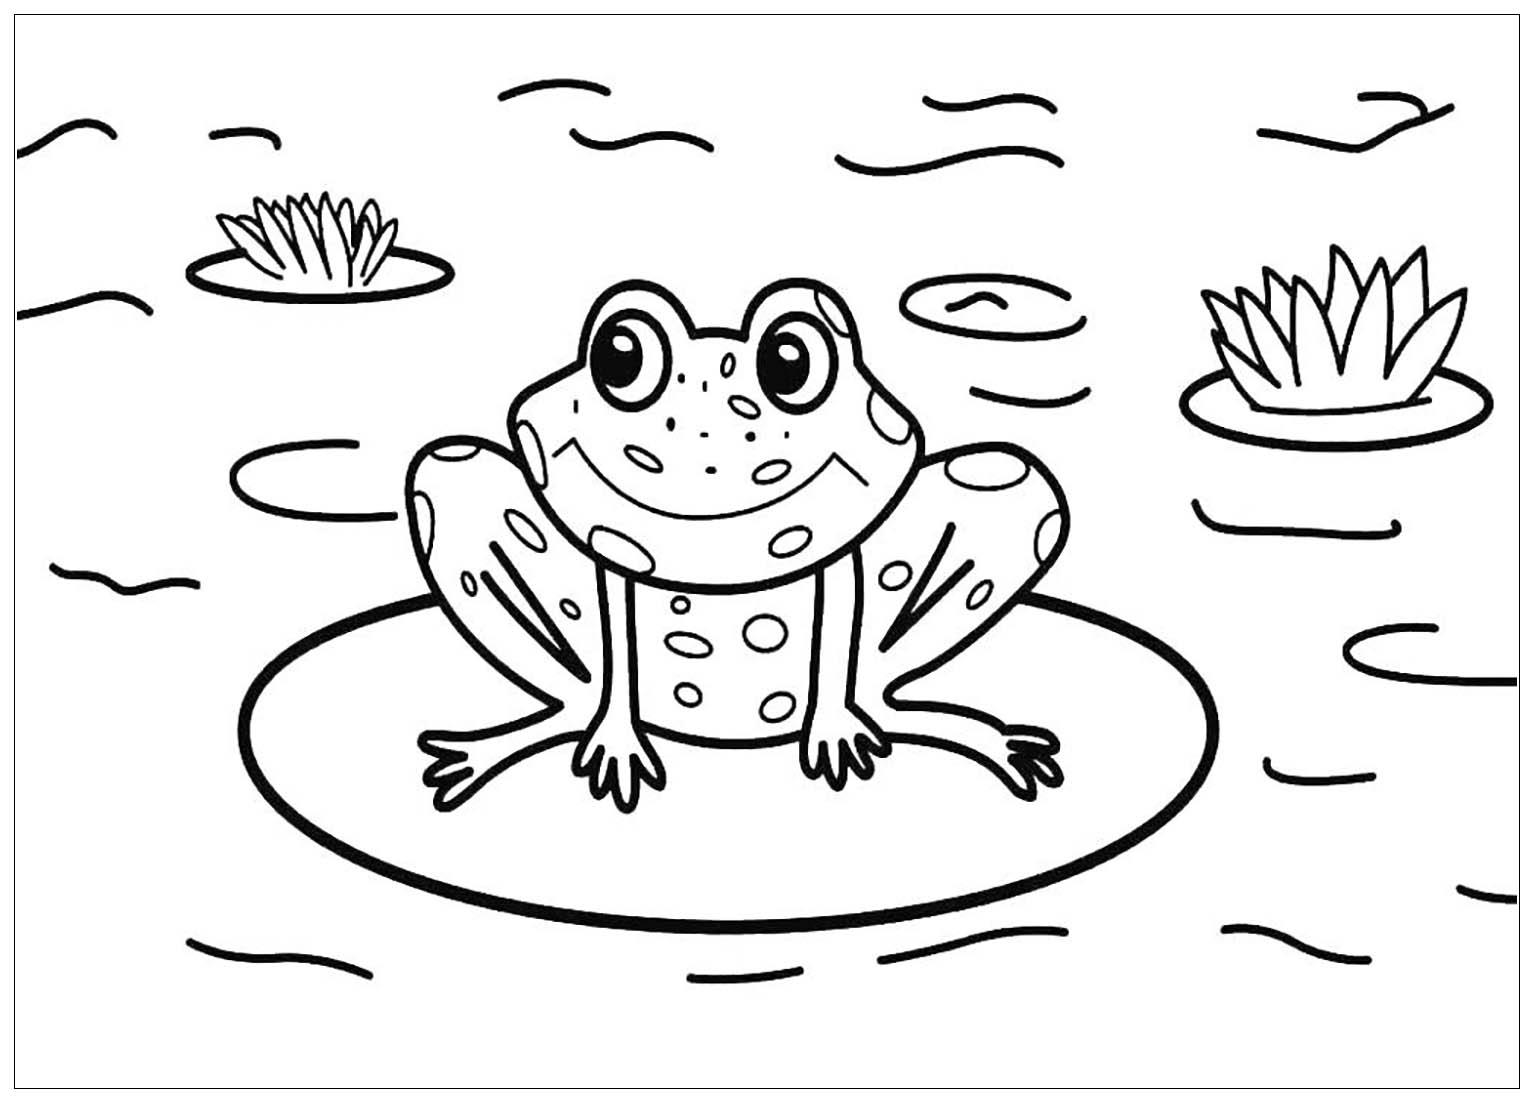 Tranh tô màu con ếch ngồi trên lá hoa súng